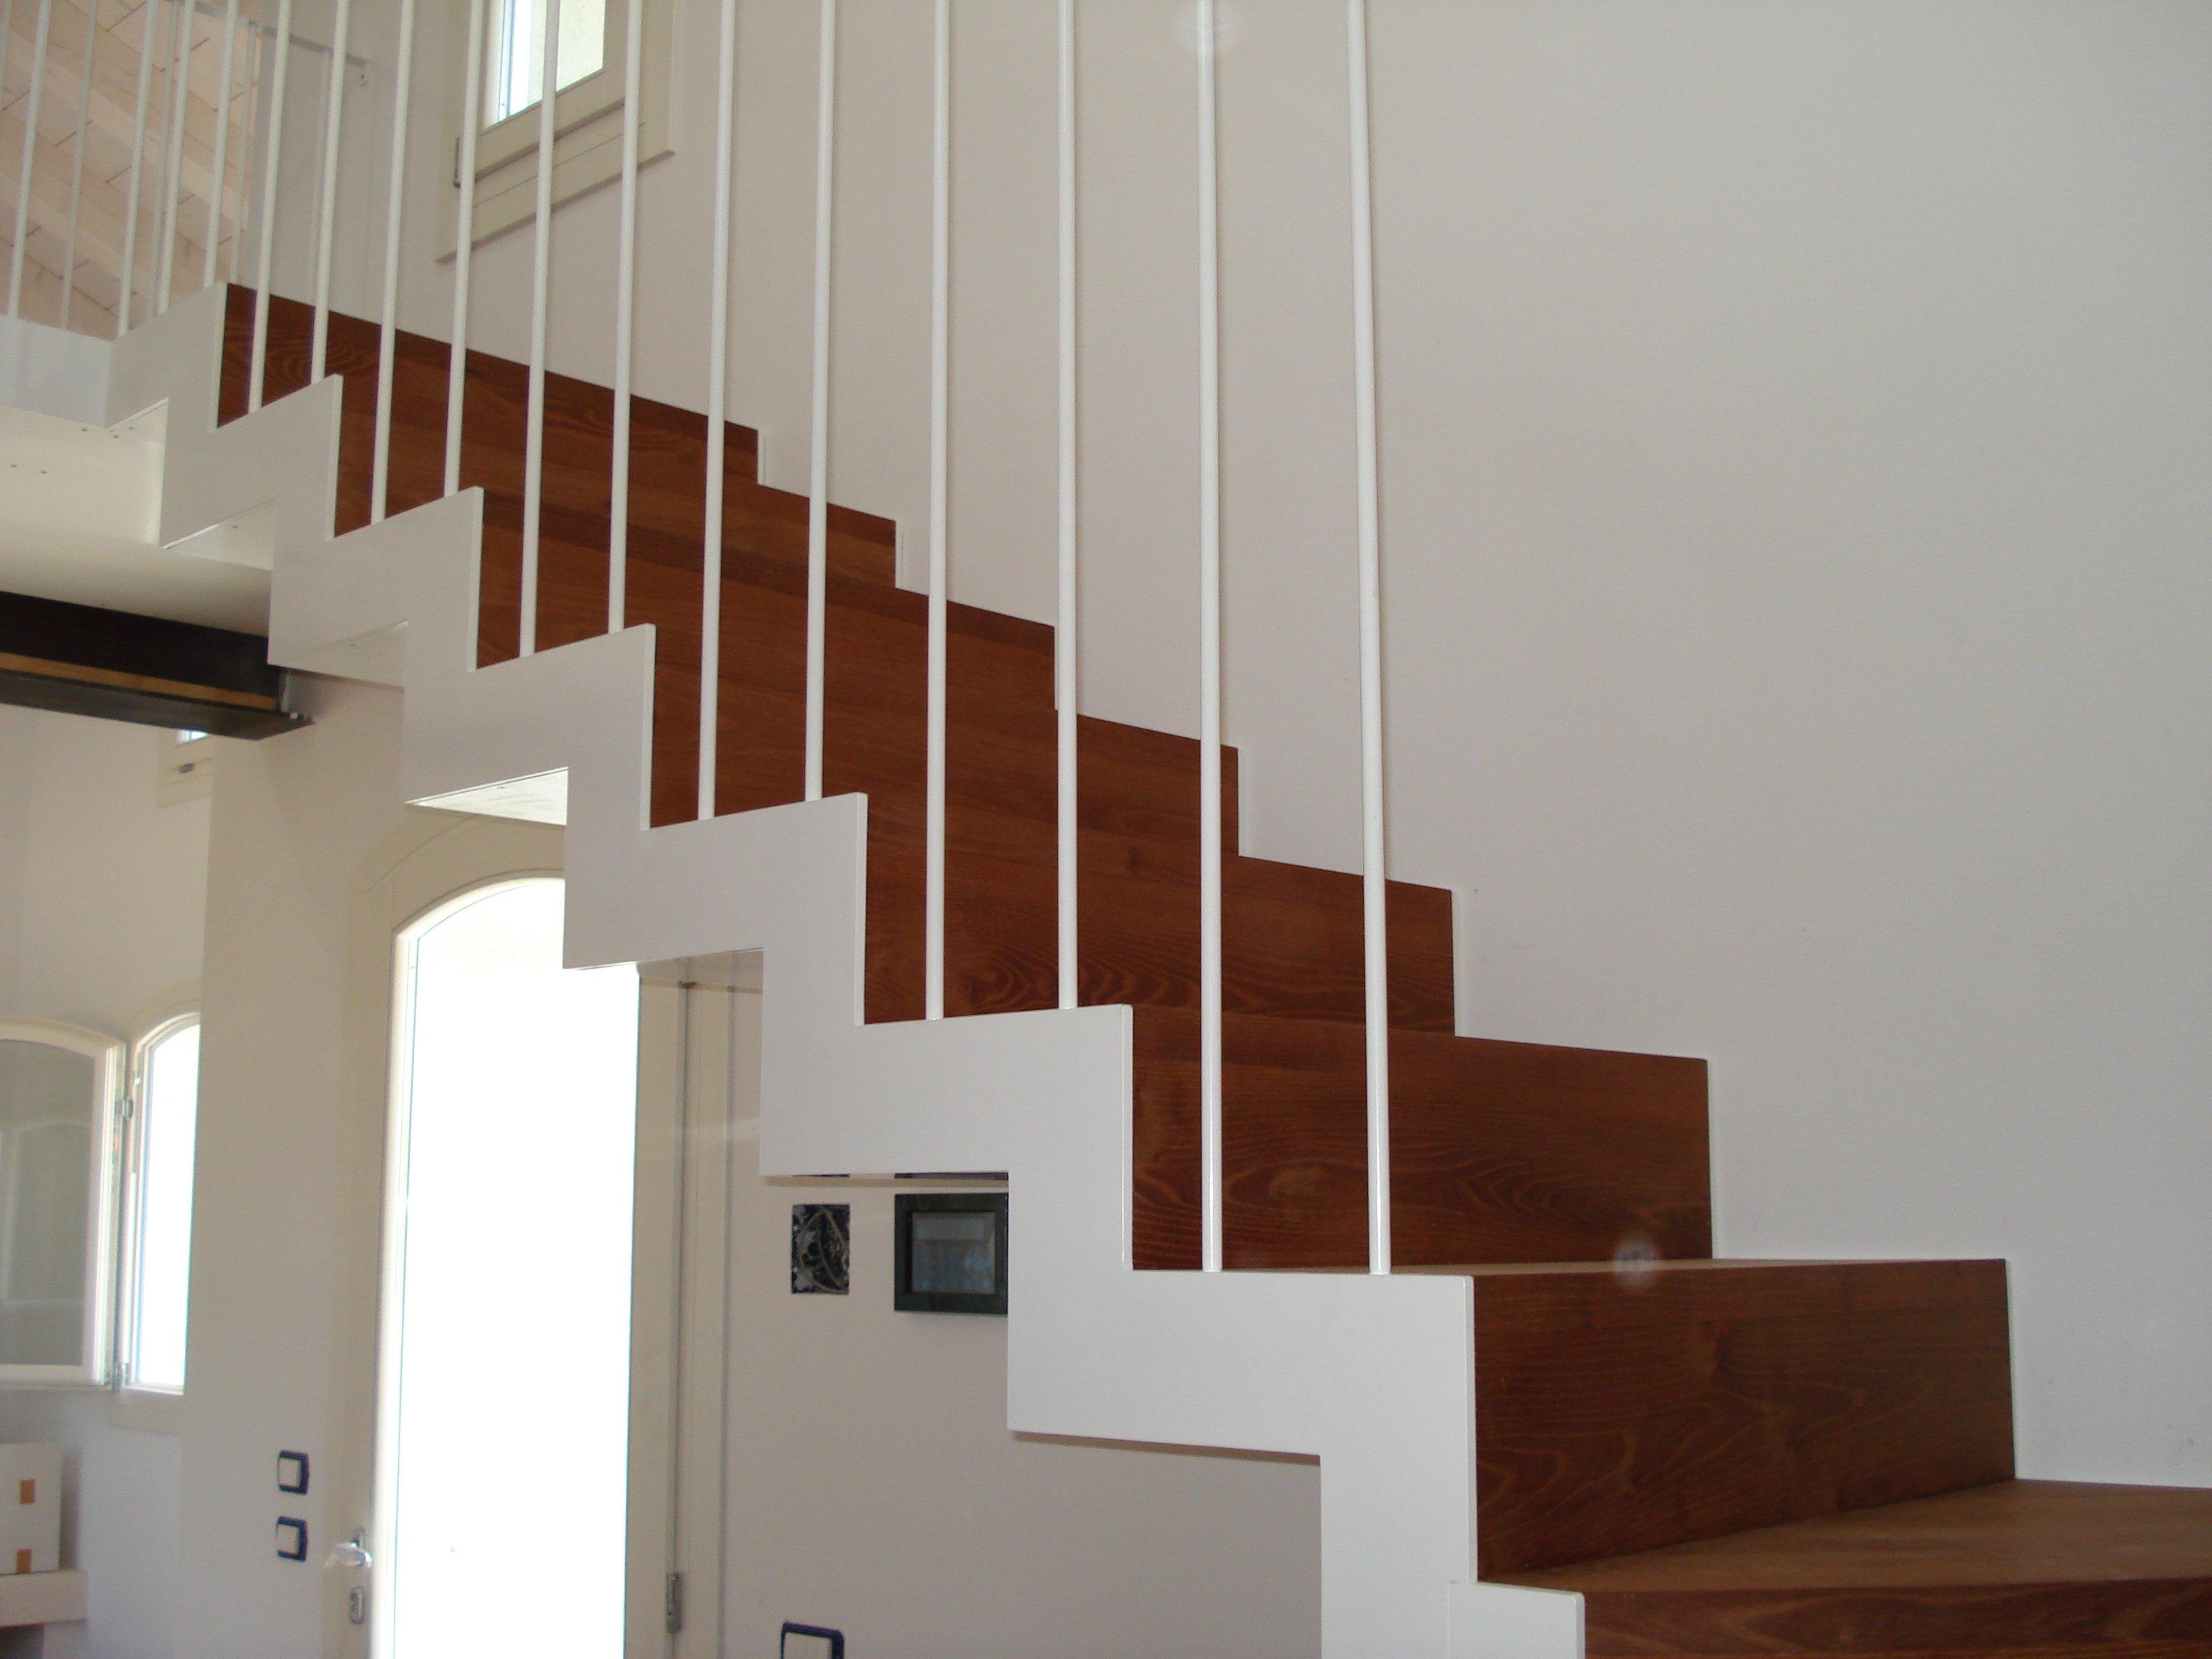 Montaggio scale scorz ve interno creativo - Soluzioni per chiudere scale interne ...